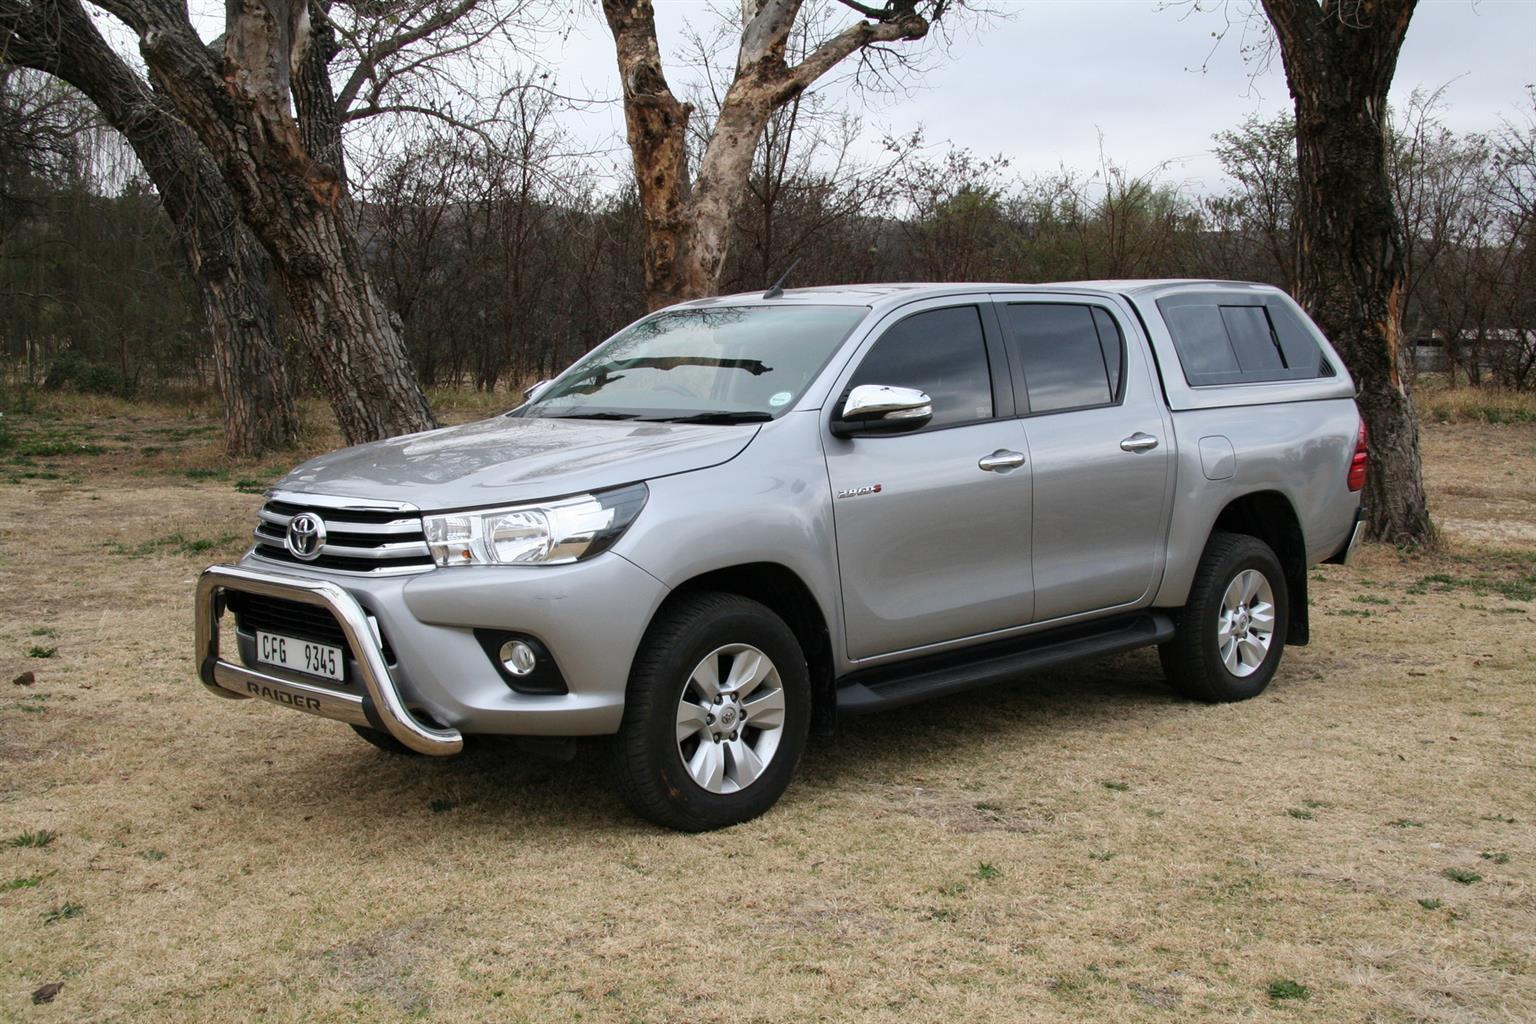 2016 Toyota Hilux Double Cab Hilux 2 8 Gd 6 Raider 4x4 A T P U D C Junk Mail